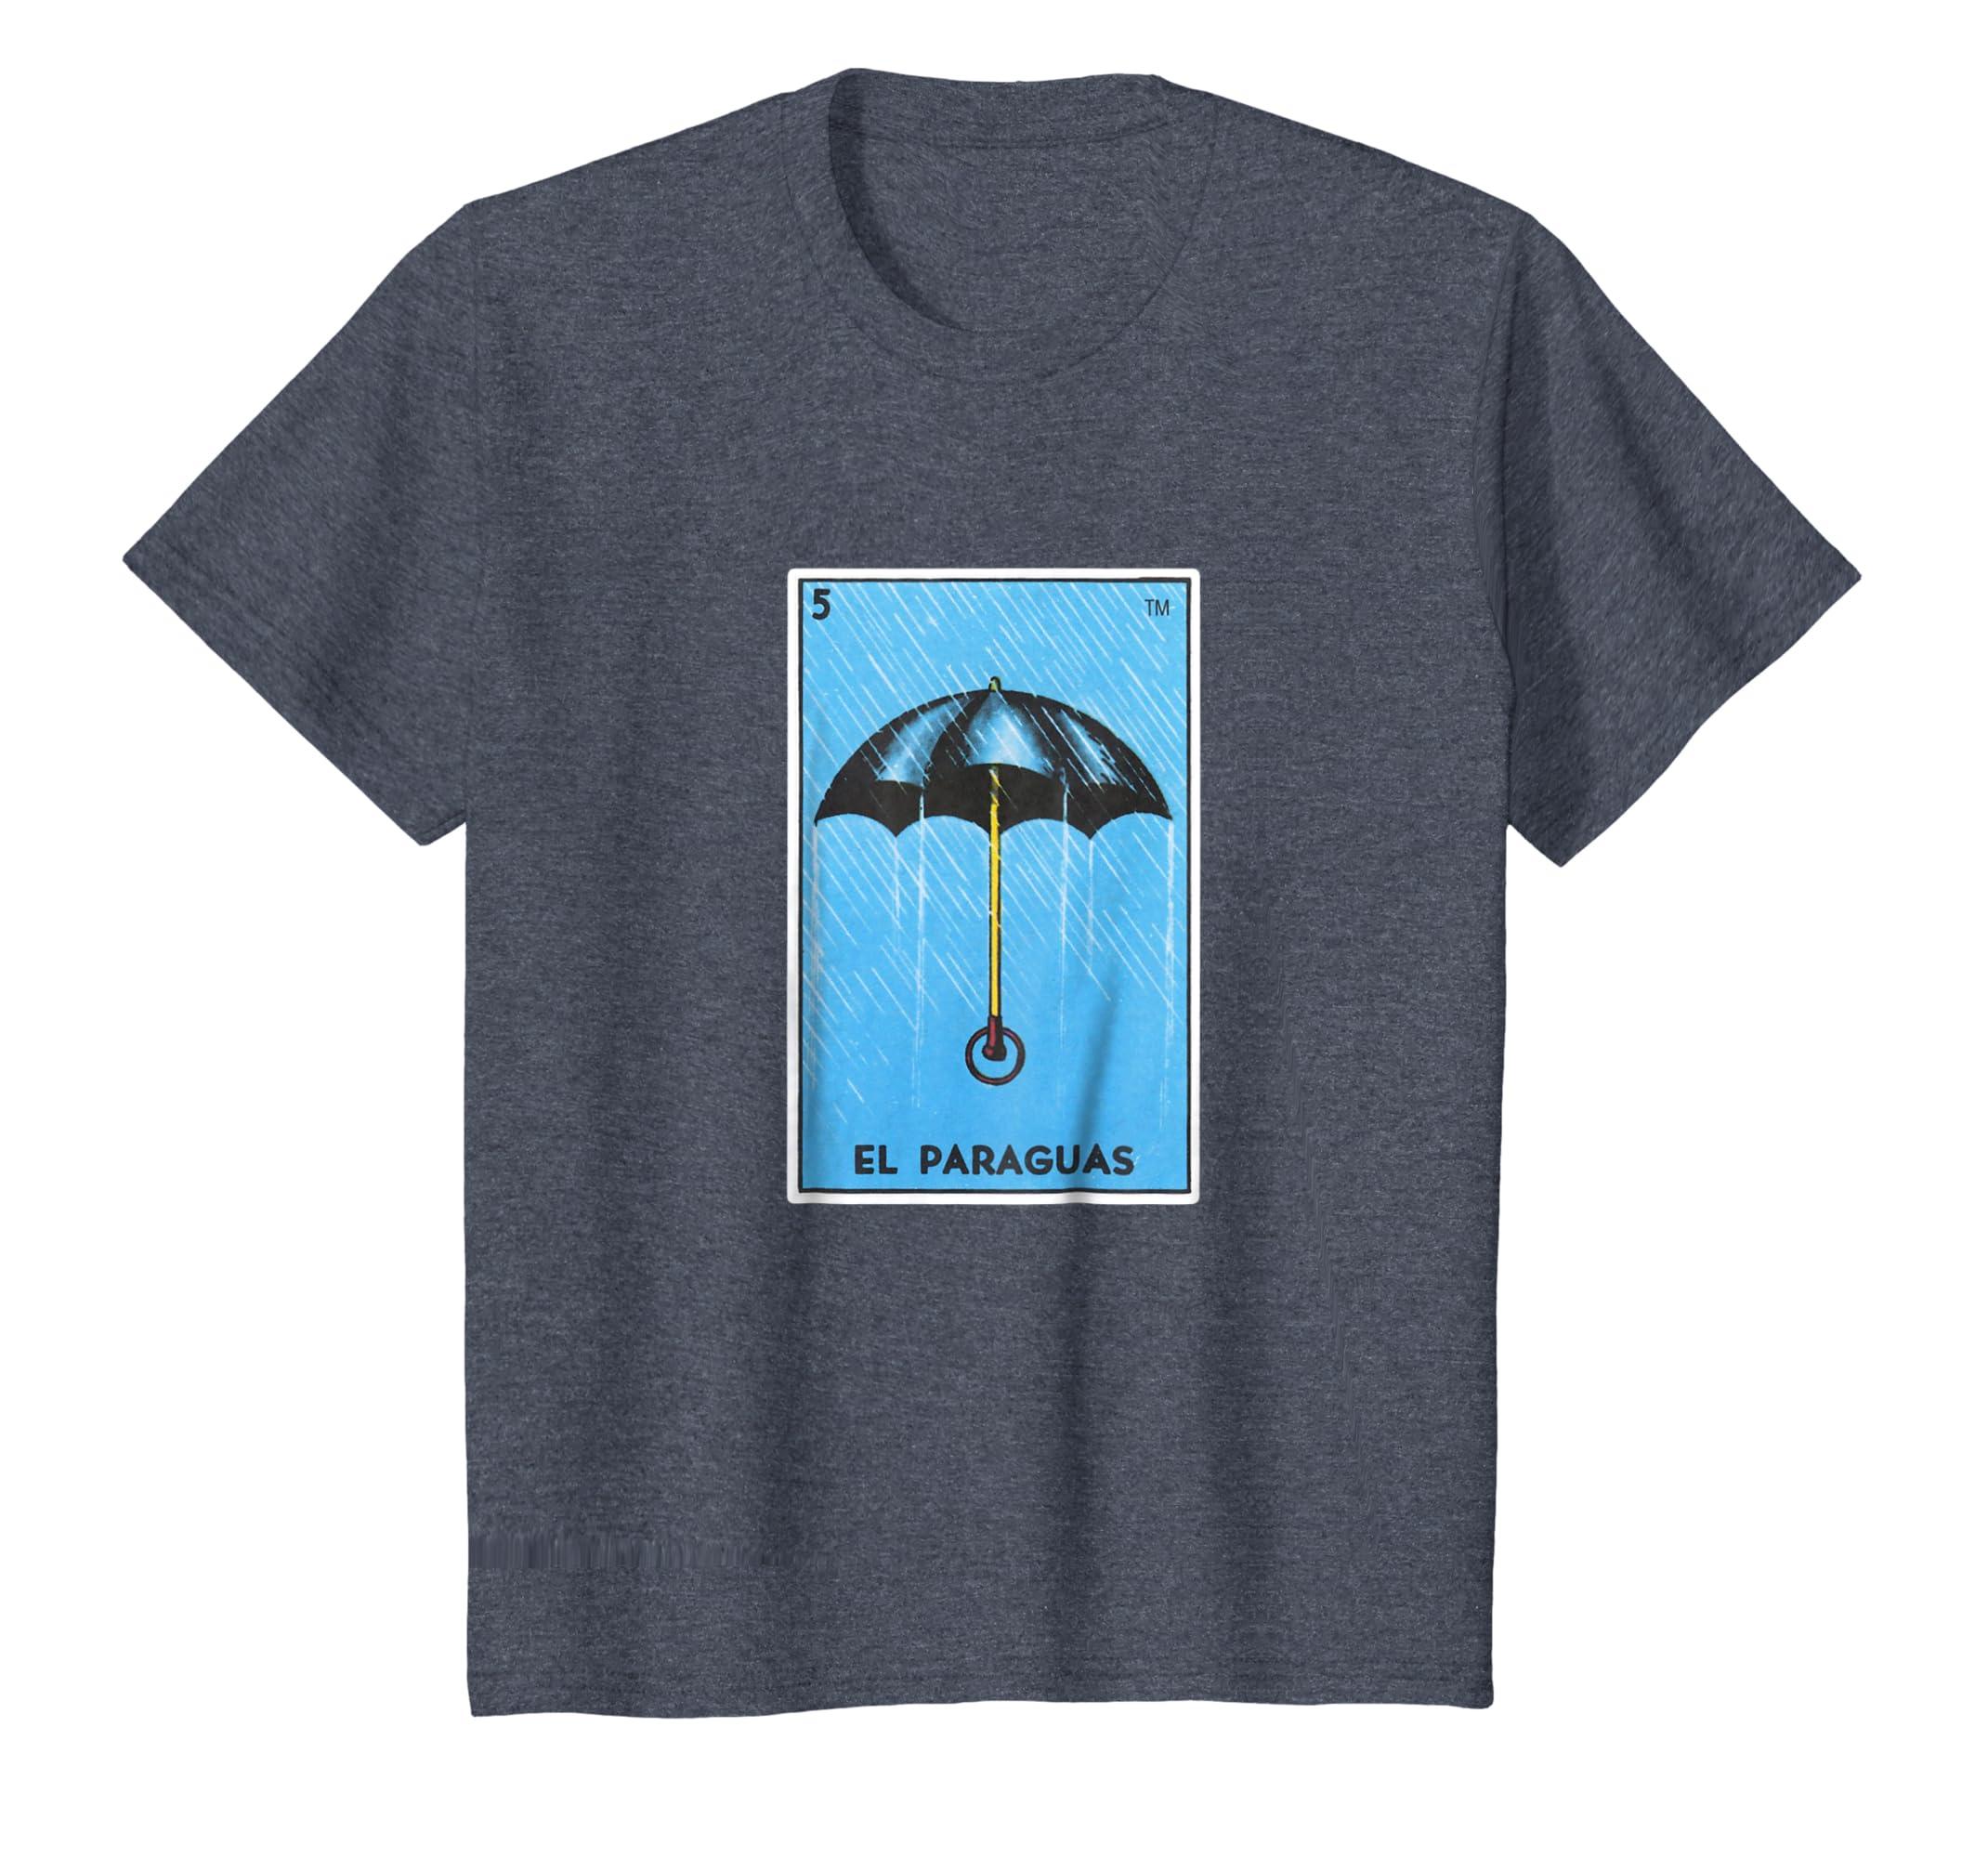 Amazon.com: El Paraguas Loteria Shirt Mexican Bingo Rain Umbrella Card: Clothing